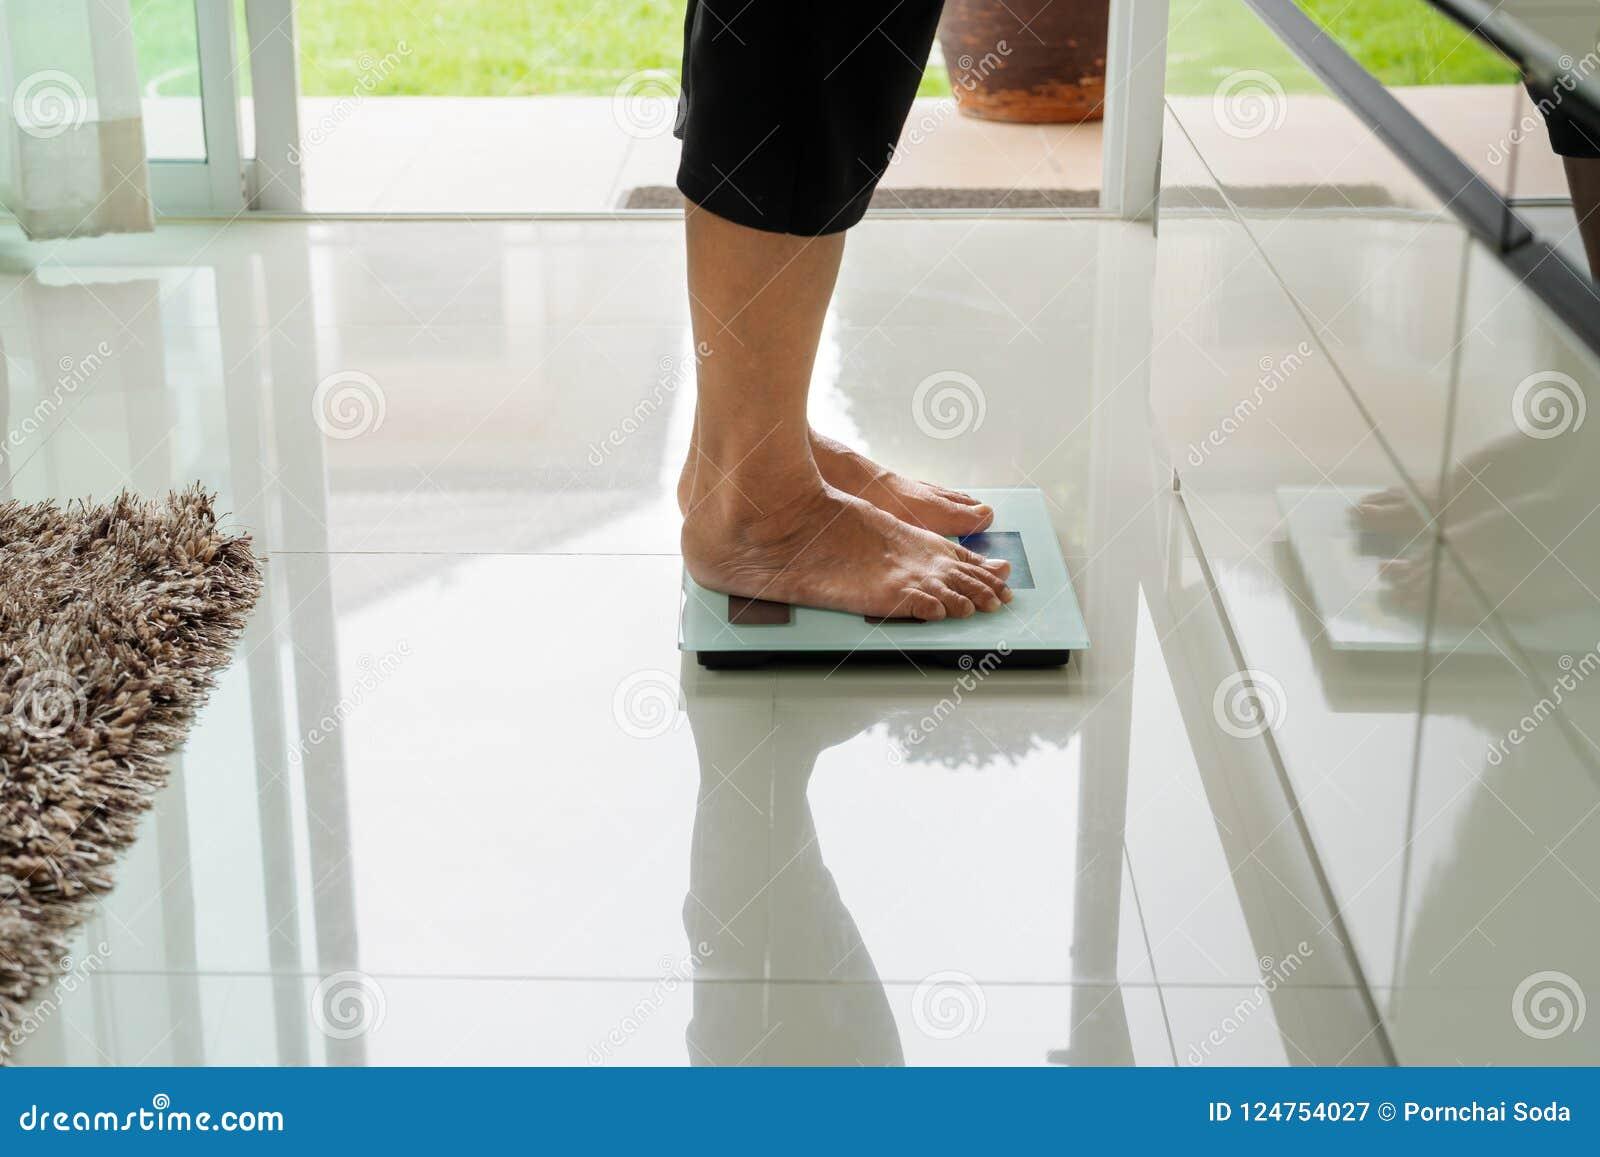 Oude vrouw die zich op gewichtsschaal bevinden in woonkamer